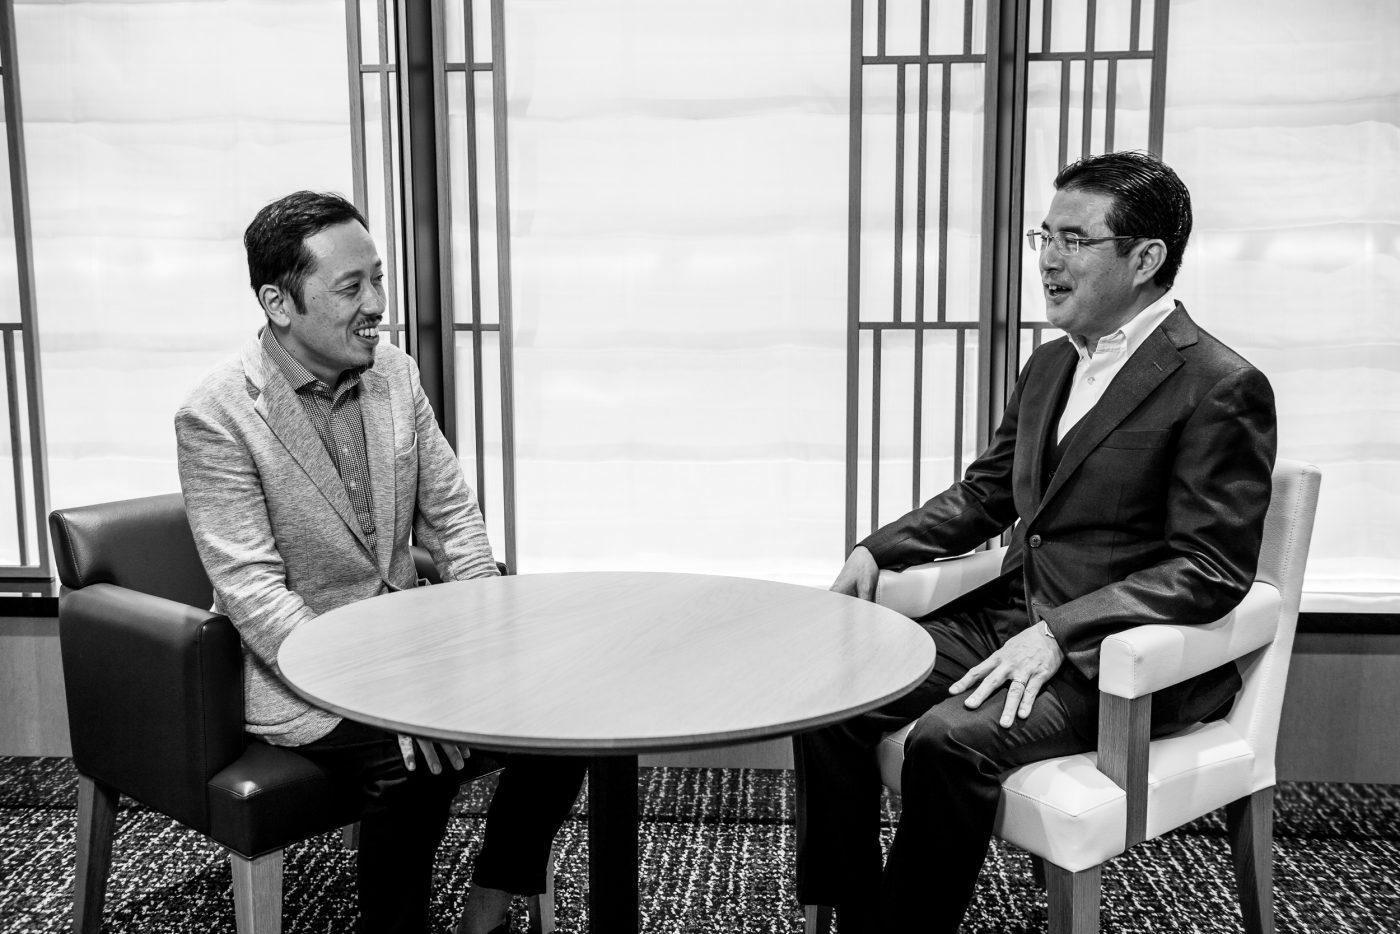 【対談】デジタル化は手段であり目的ではない、なぜ日本ではデジタルシフトが進まないのか 田中道昭×奥谷孝司(第3回)